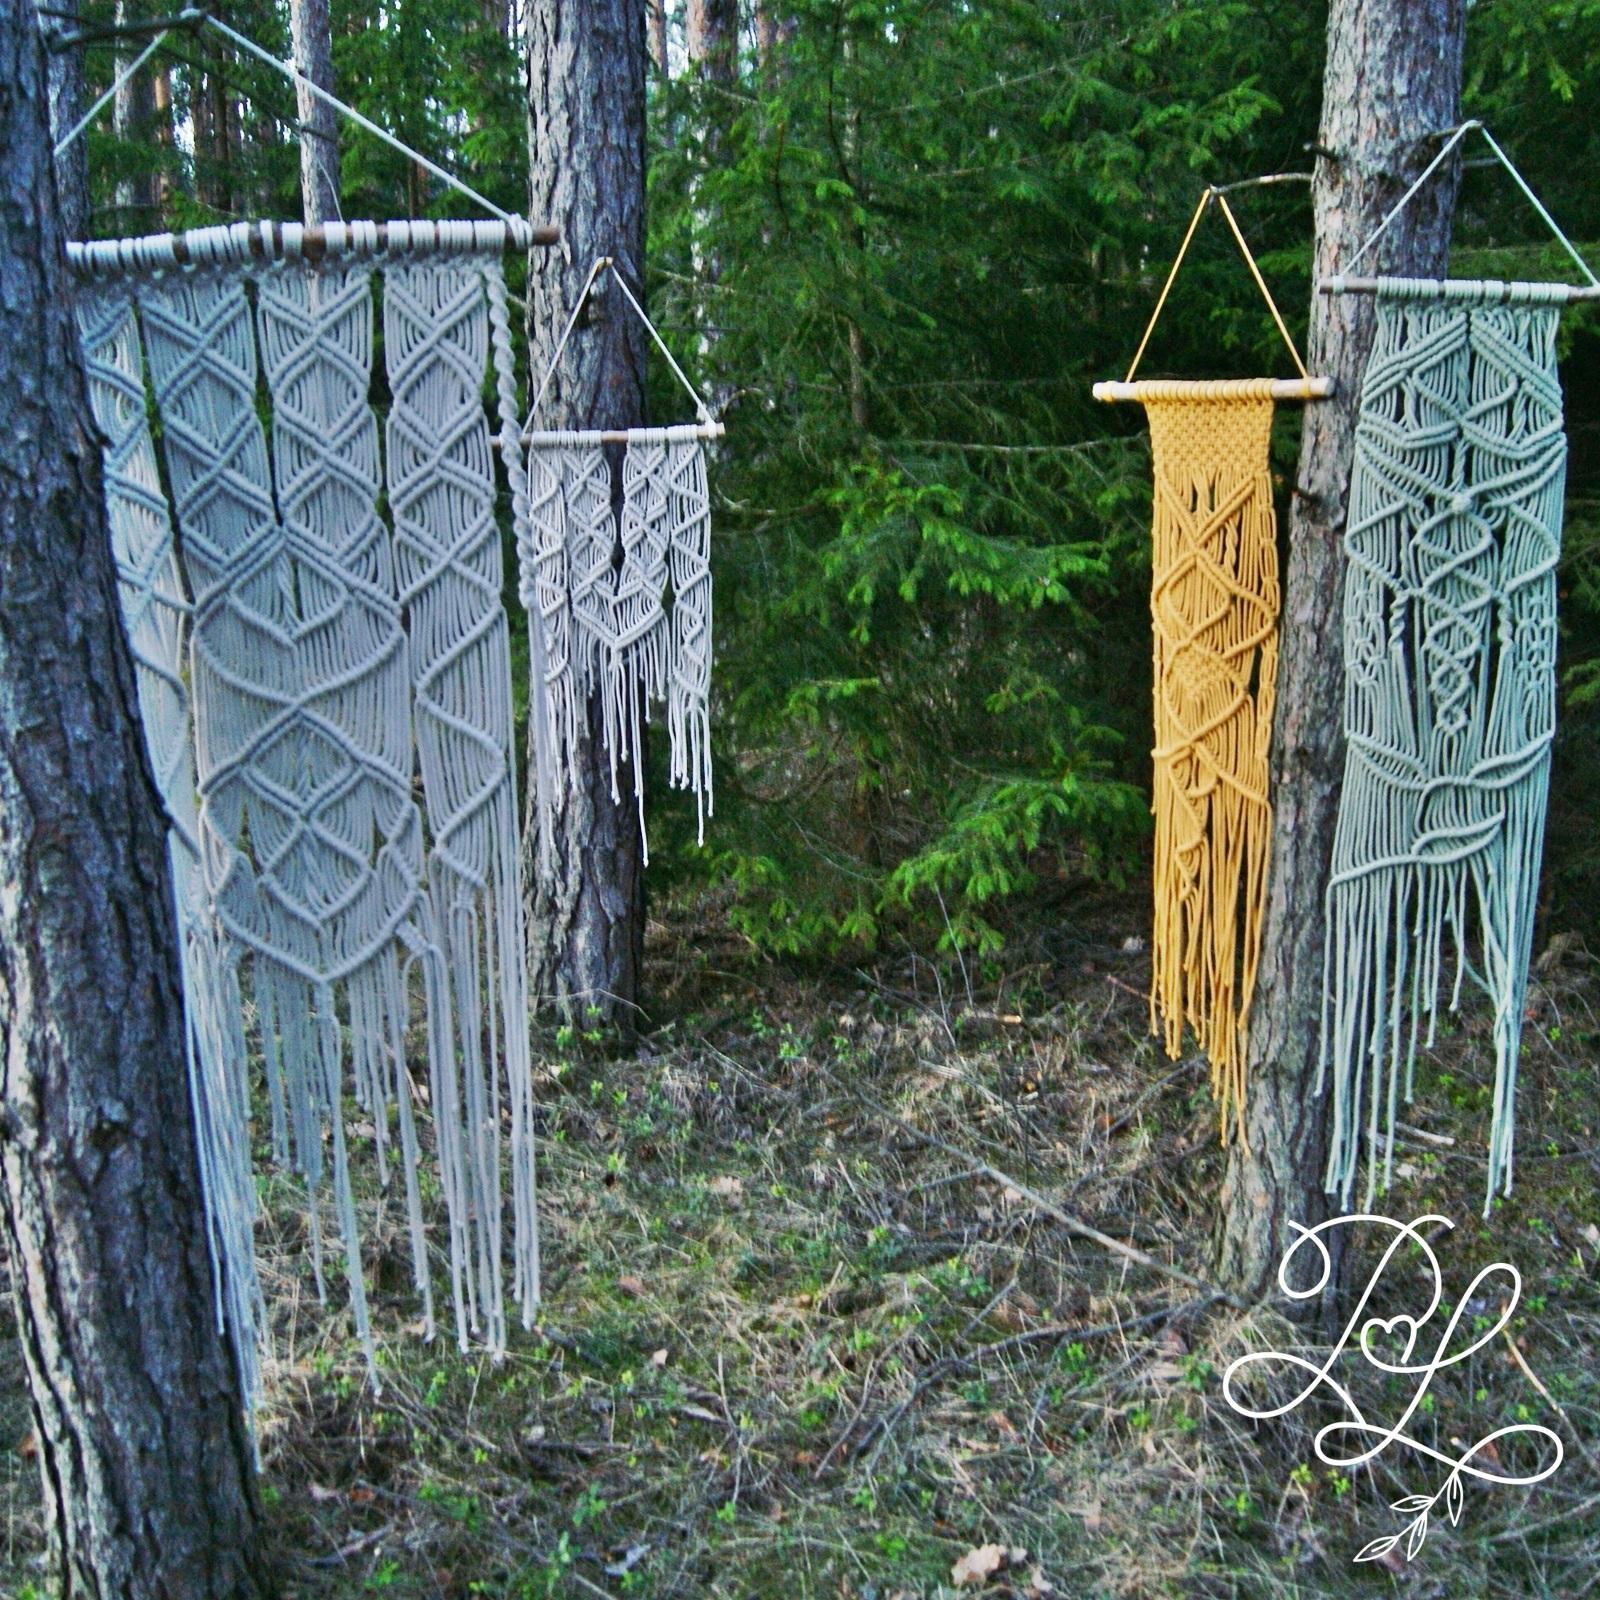 Makrama mojego autorstwa - Papierowe Love - sklep papierniczy i pracownia rękodzieła Katarzyna Rajczakowska